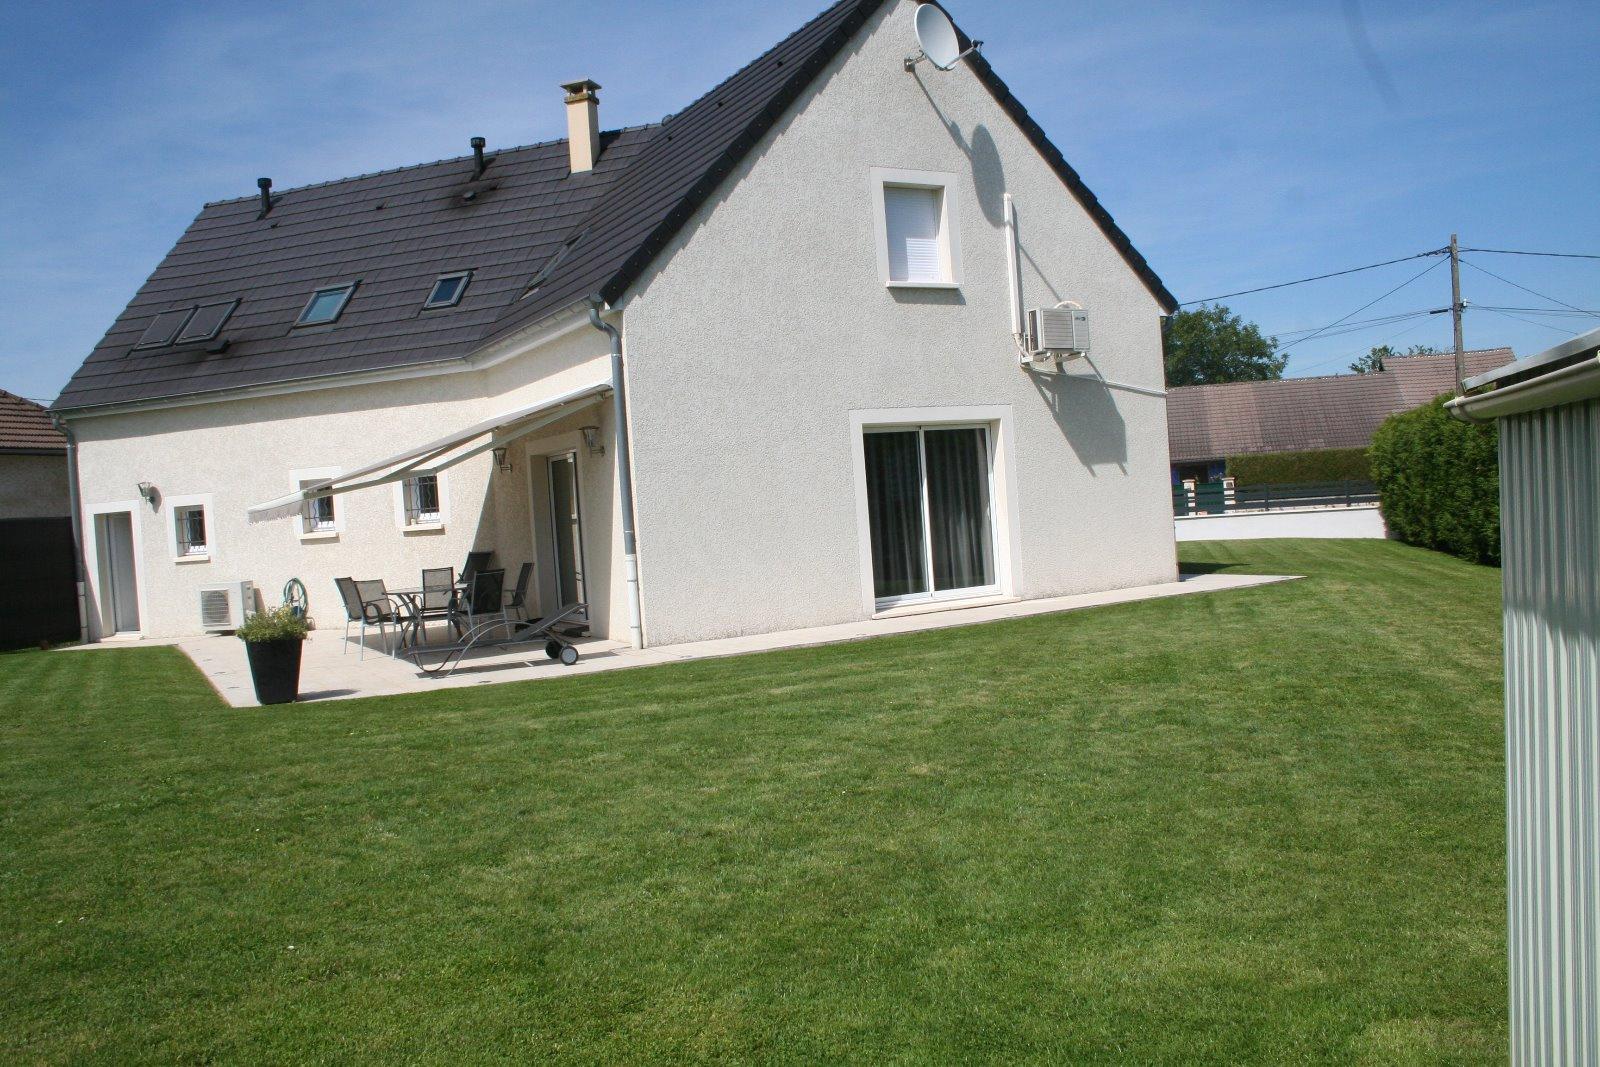 annonce vente maison beaune 21200 150 m 338 000 992740135717. Black Bedroom Furniture Sets. Home Design Ideas